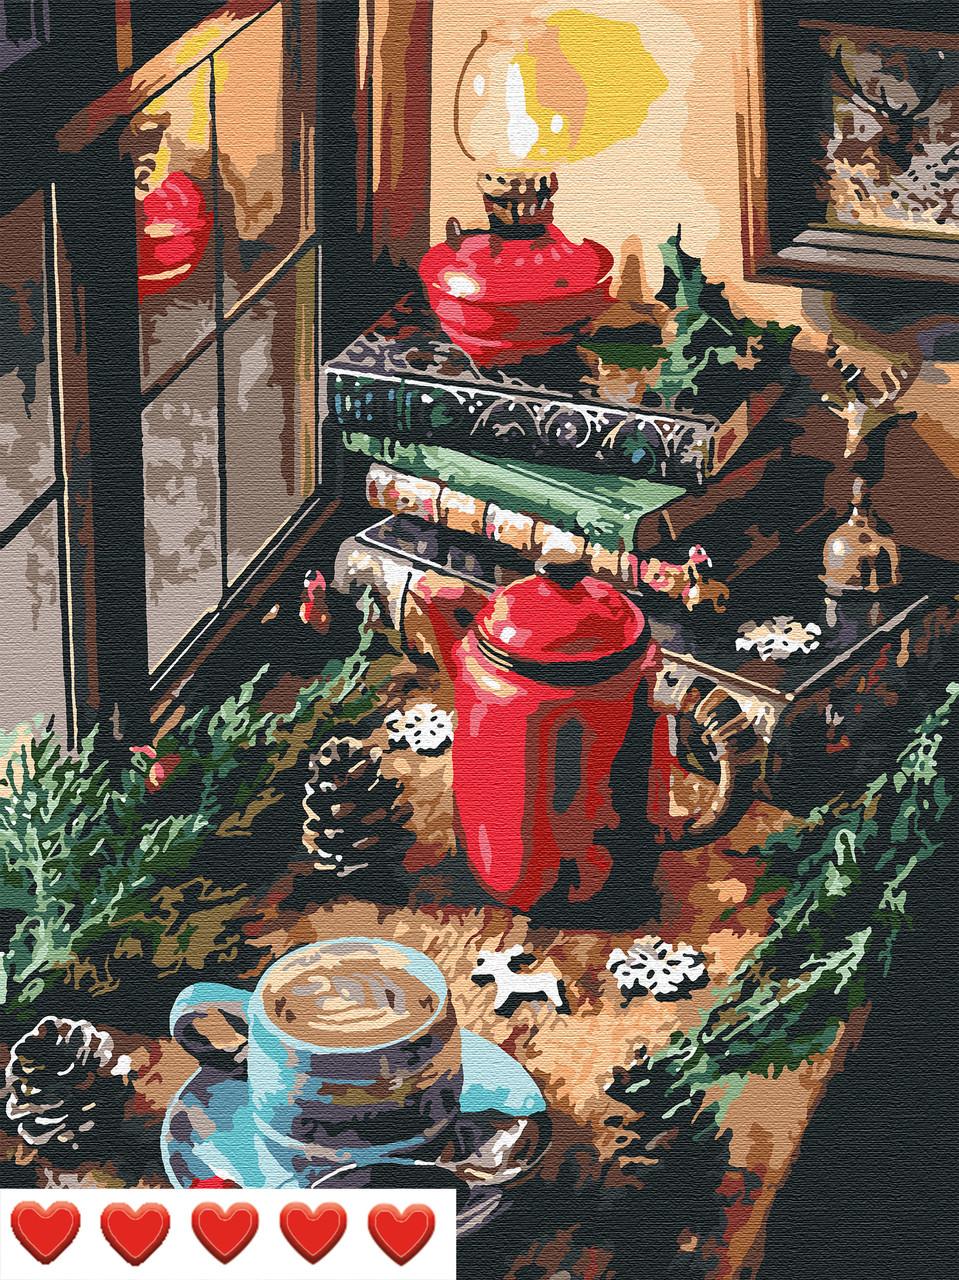 Картина по номерам В ожидании Нового года, цветной холст, 40*50 см, без коробки, ТМ Barvi+ ЛАК